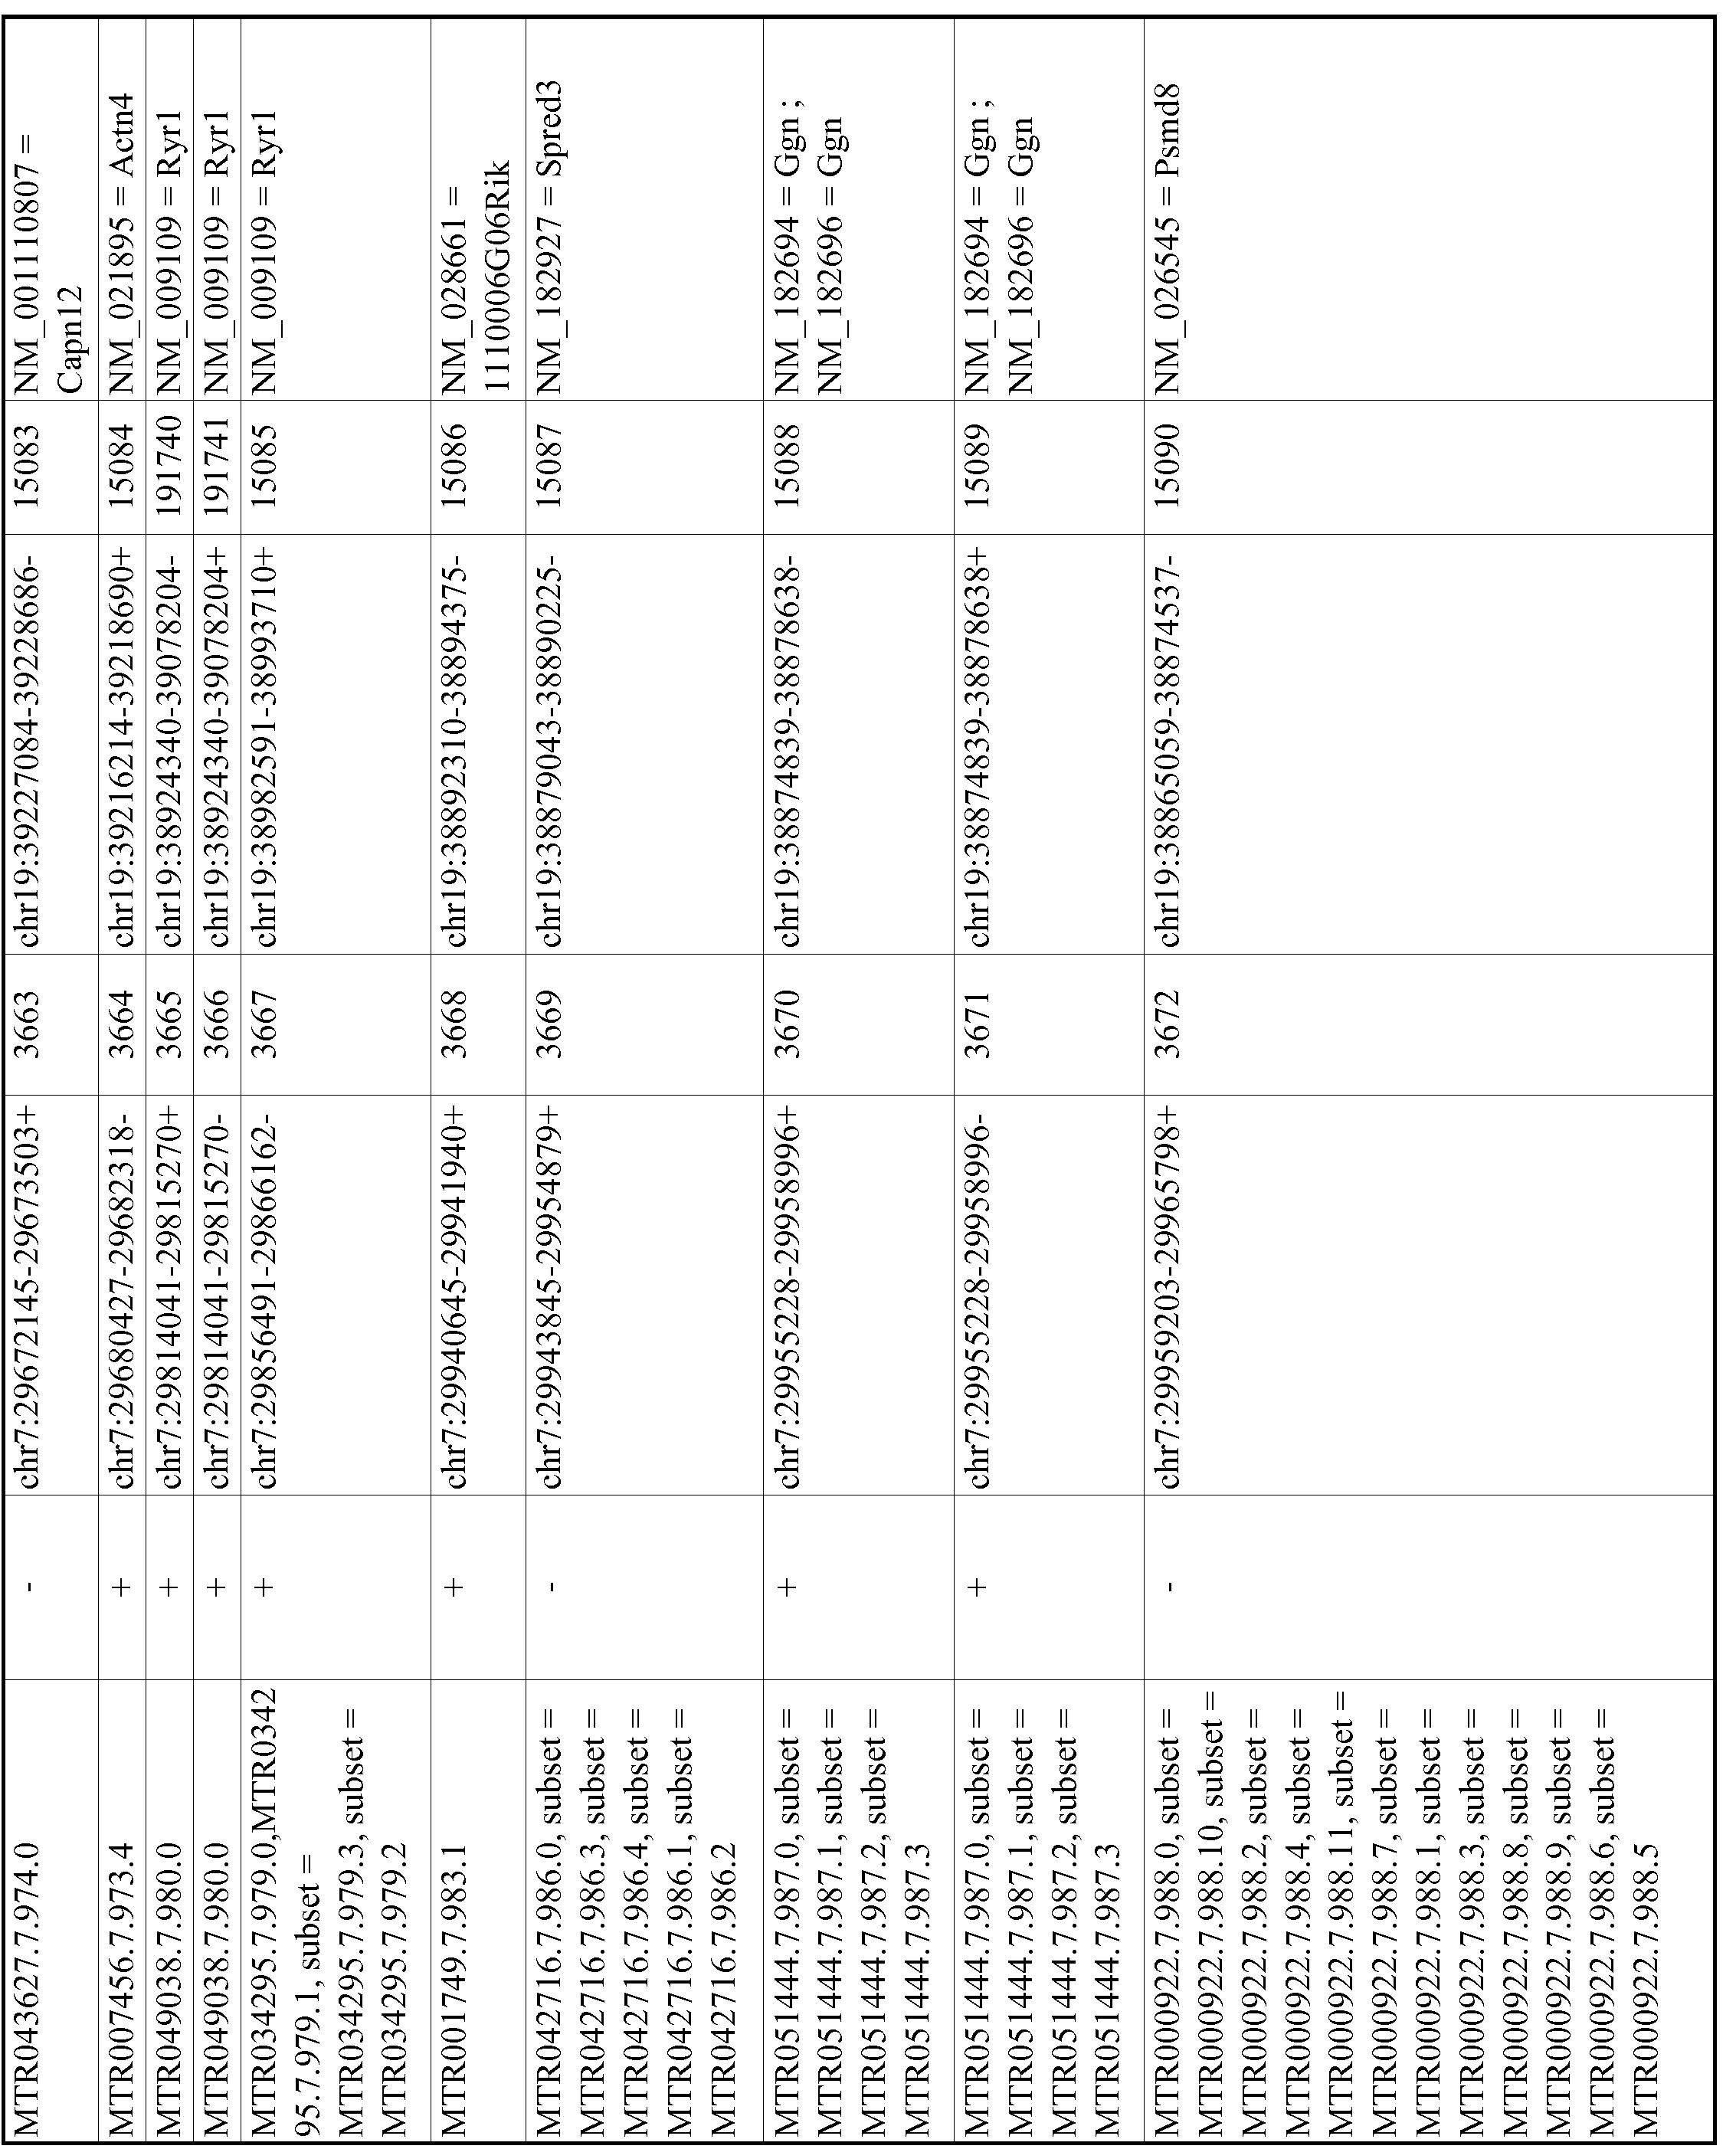 Figure imgf000707_0001